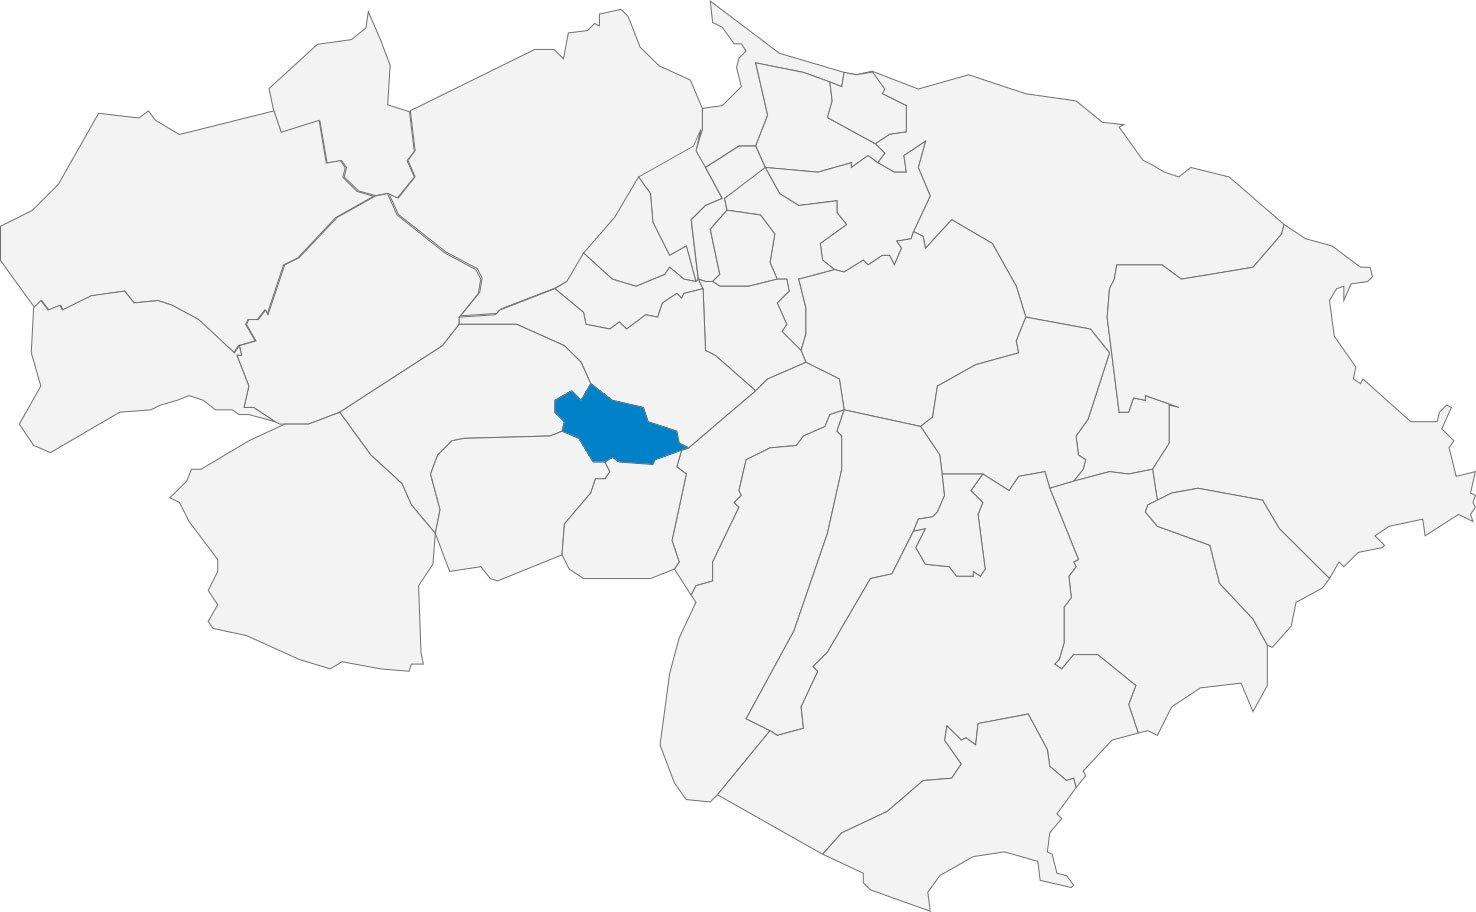 Murla